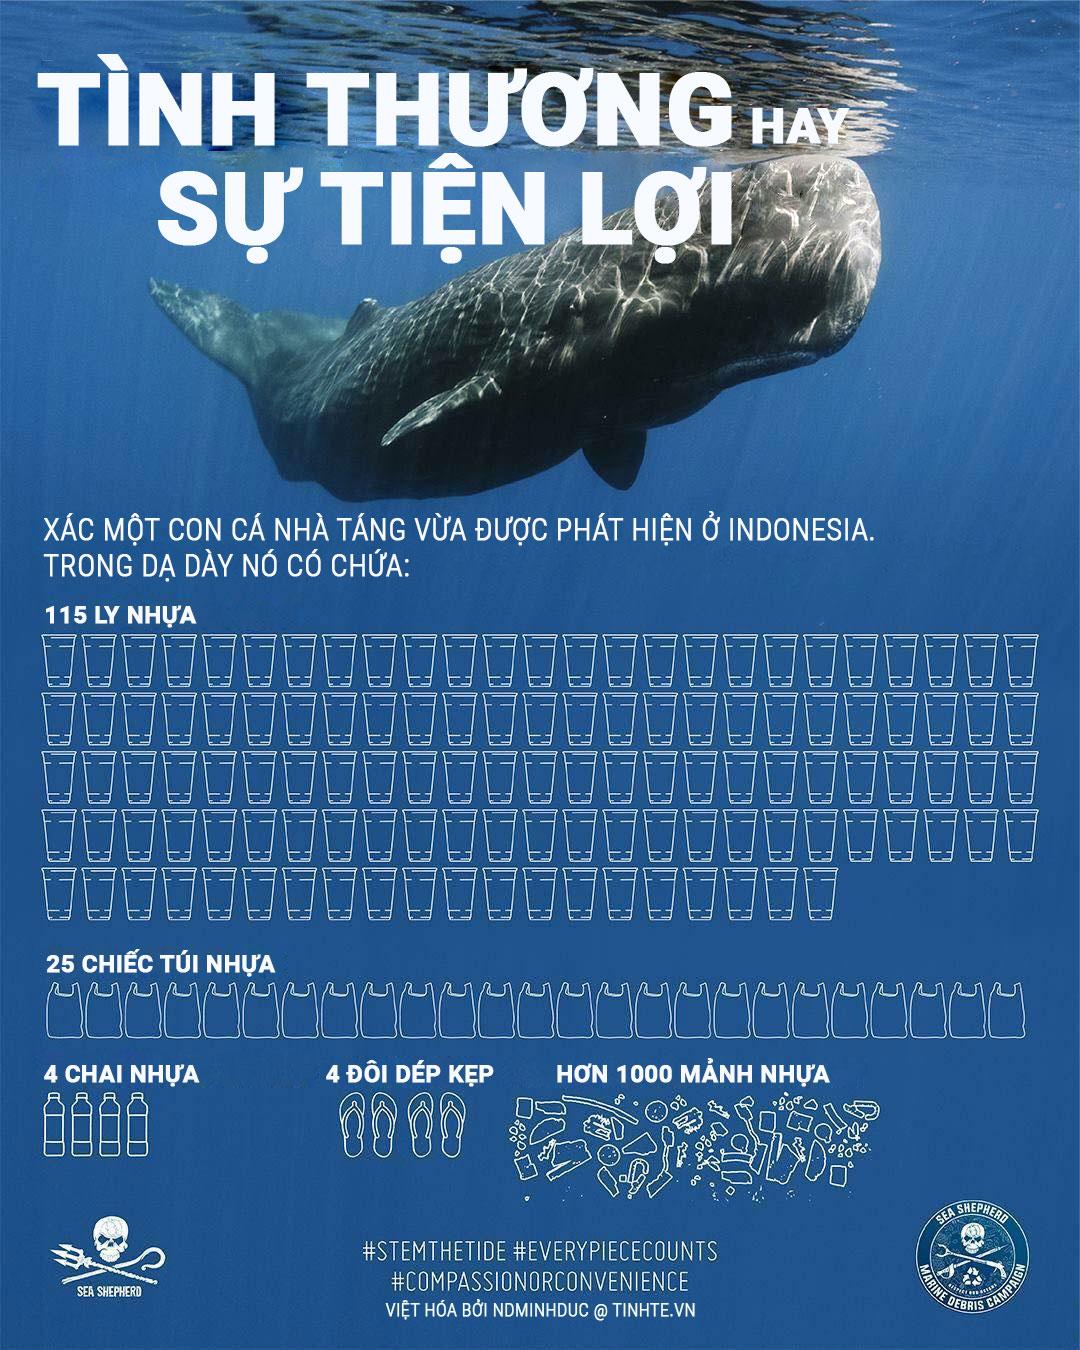 Rác thải nhựa trong bụng cá nhà táng. Infographic của Tinh Tế